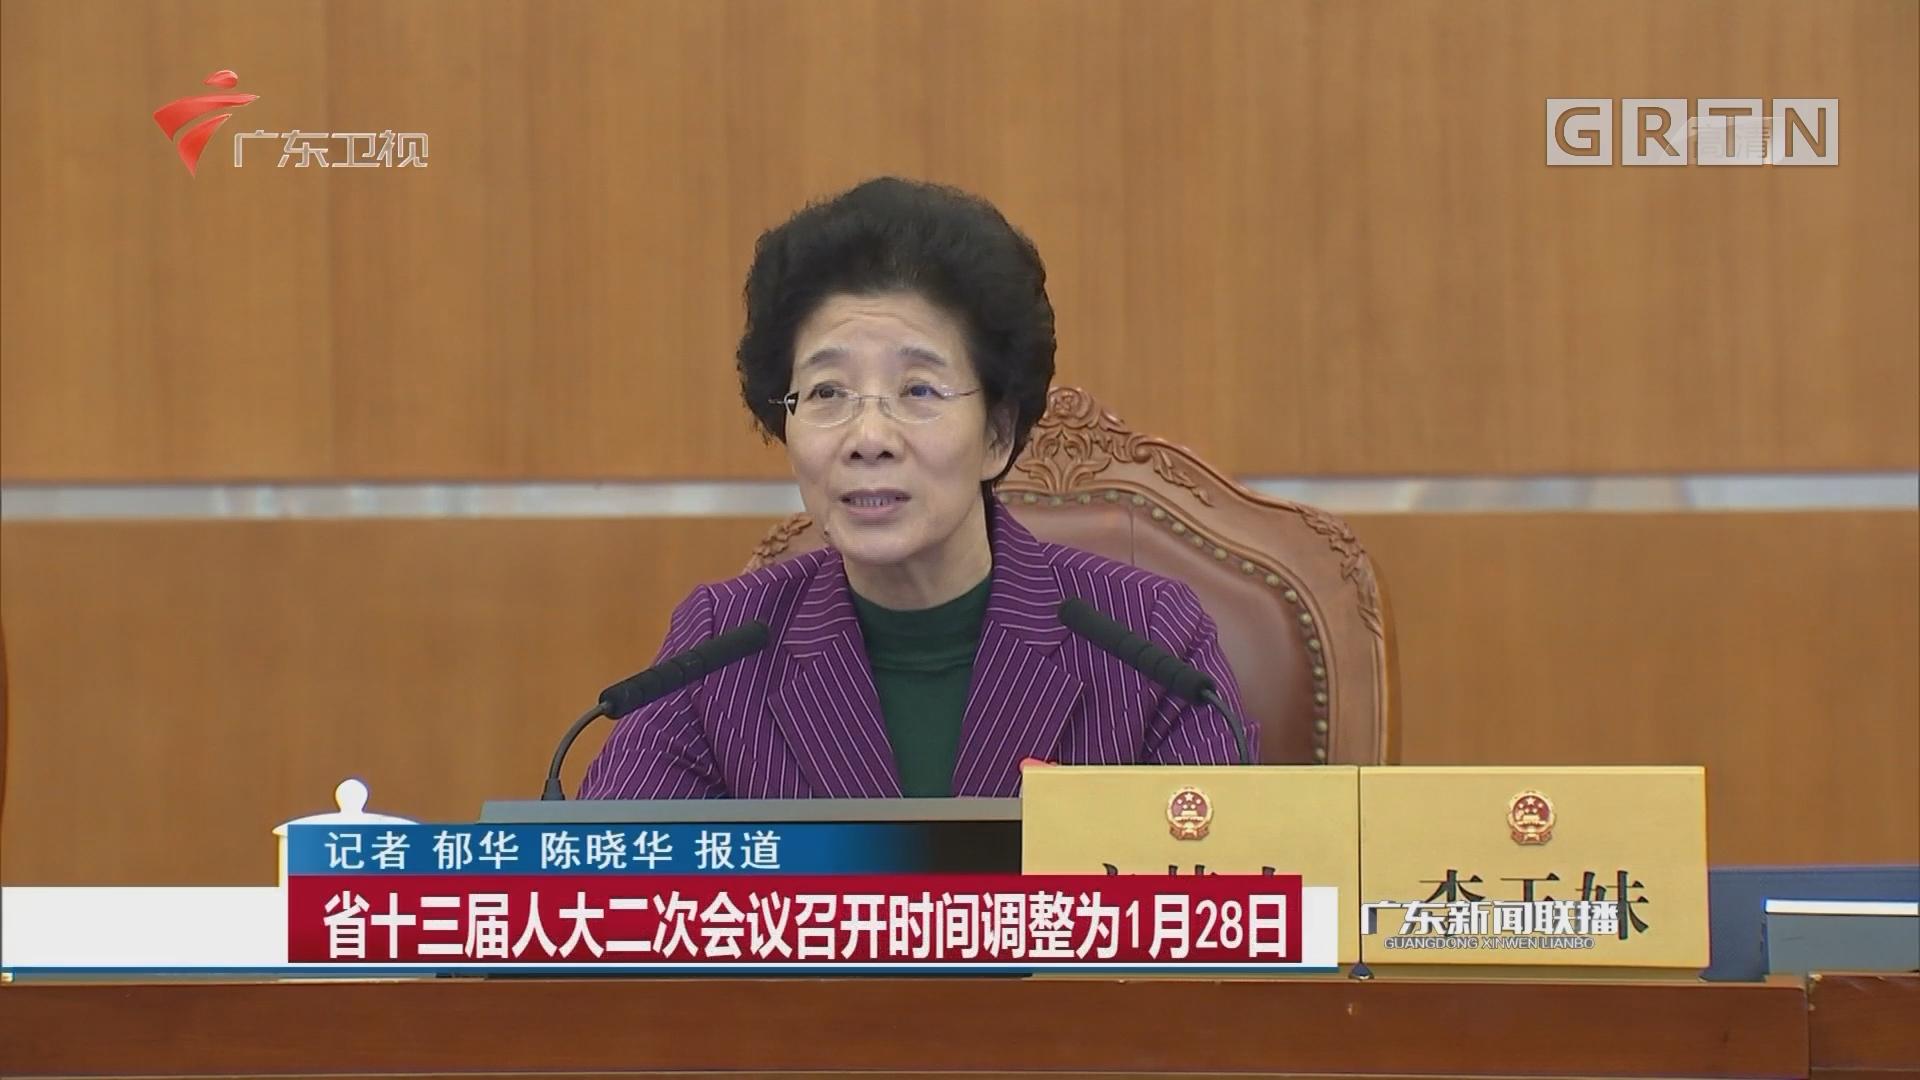 省十三届人大二次会议召开时间调整为1月28日